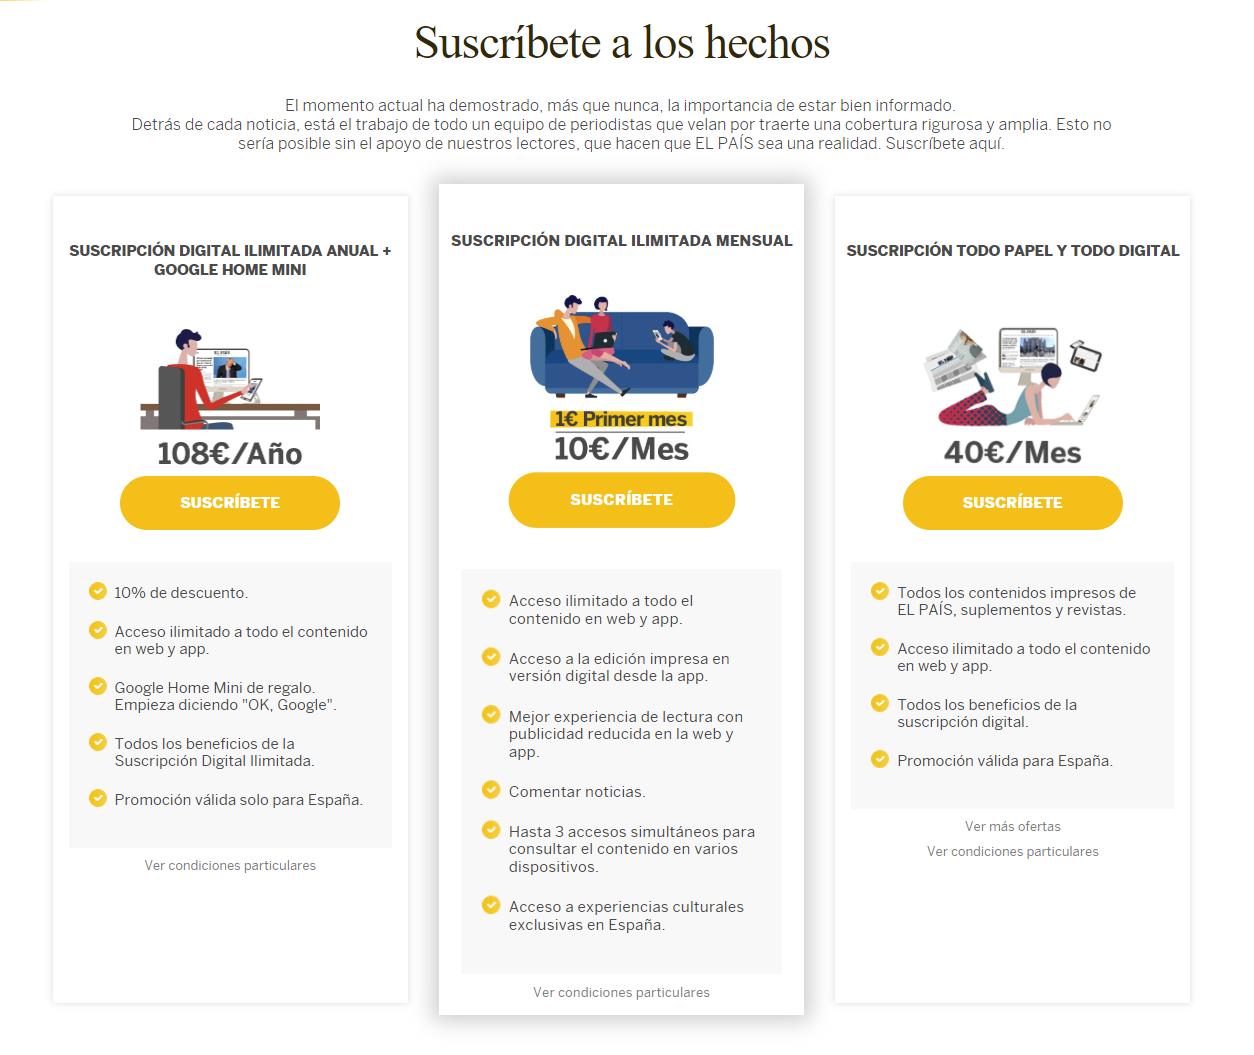 Efecto señuelo El País